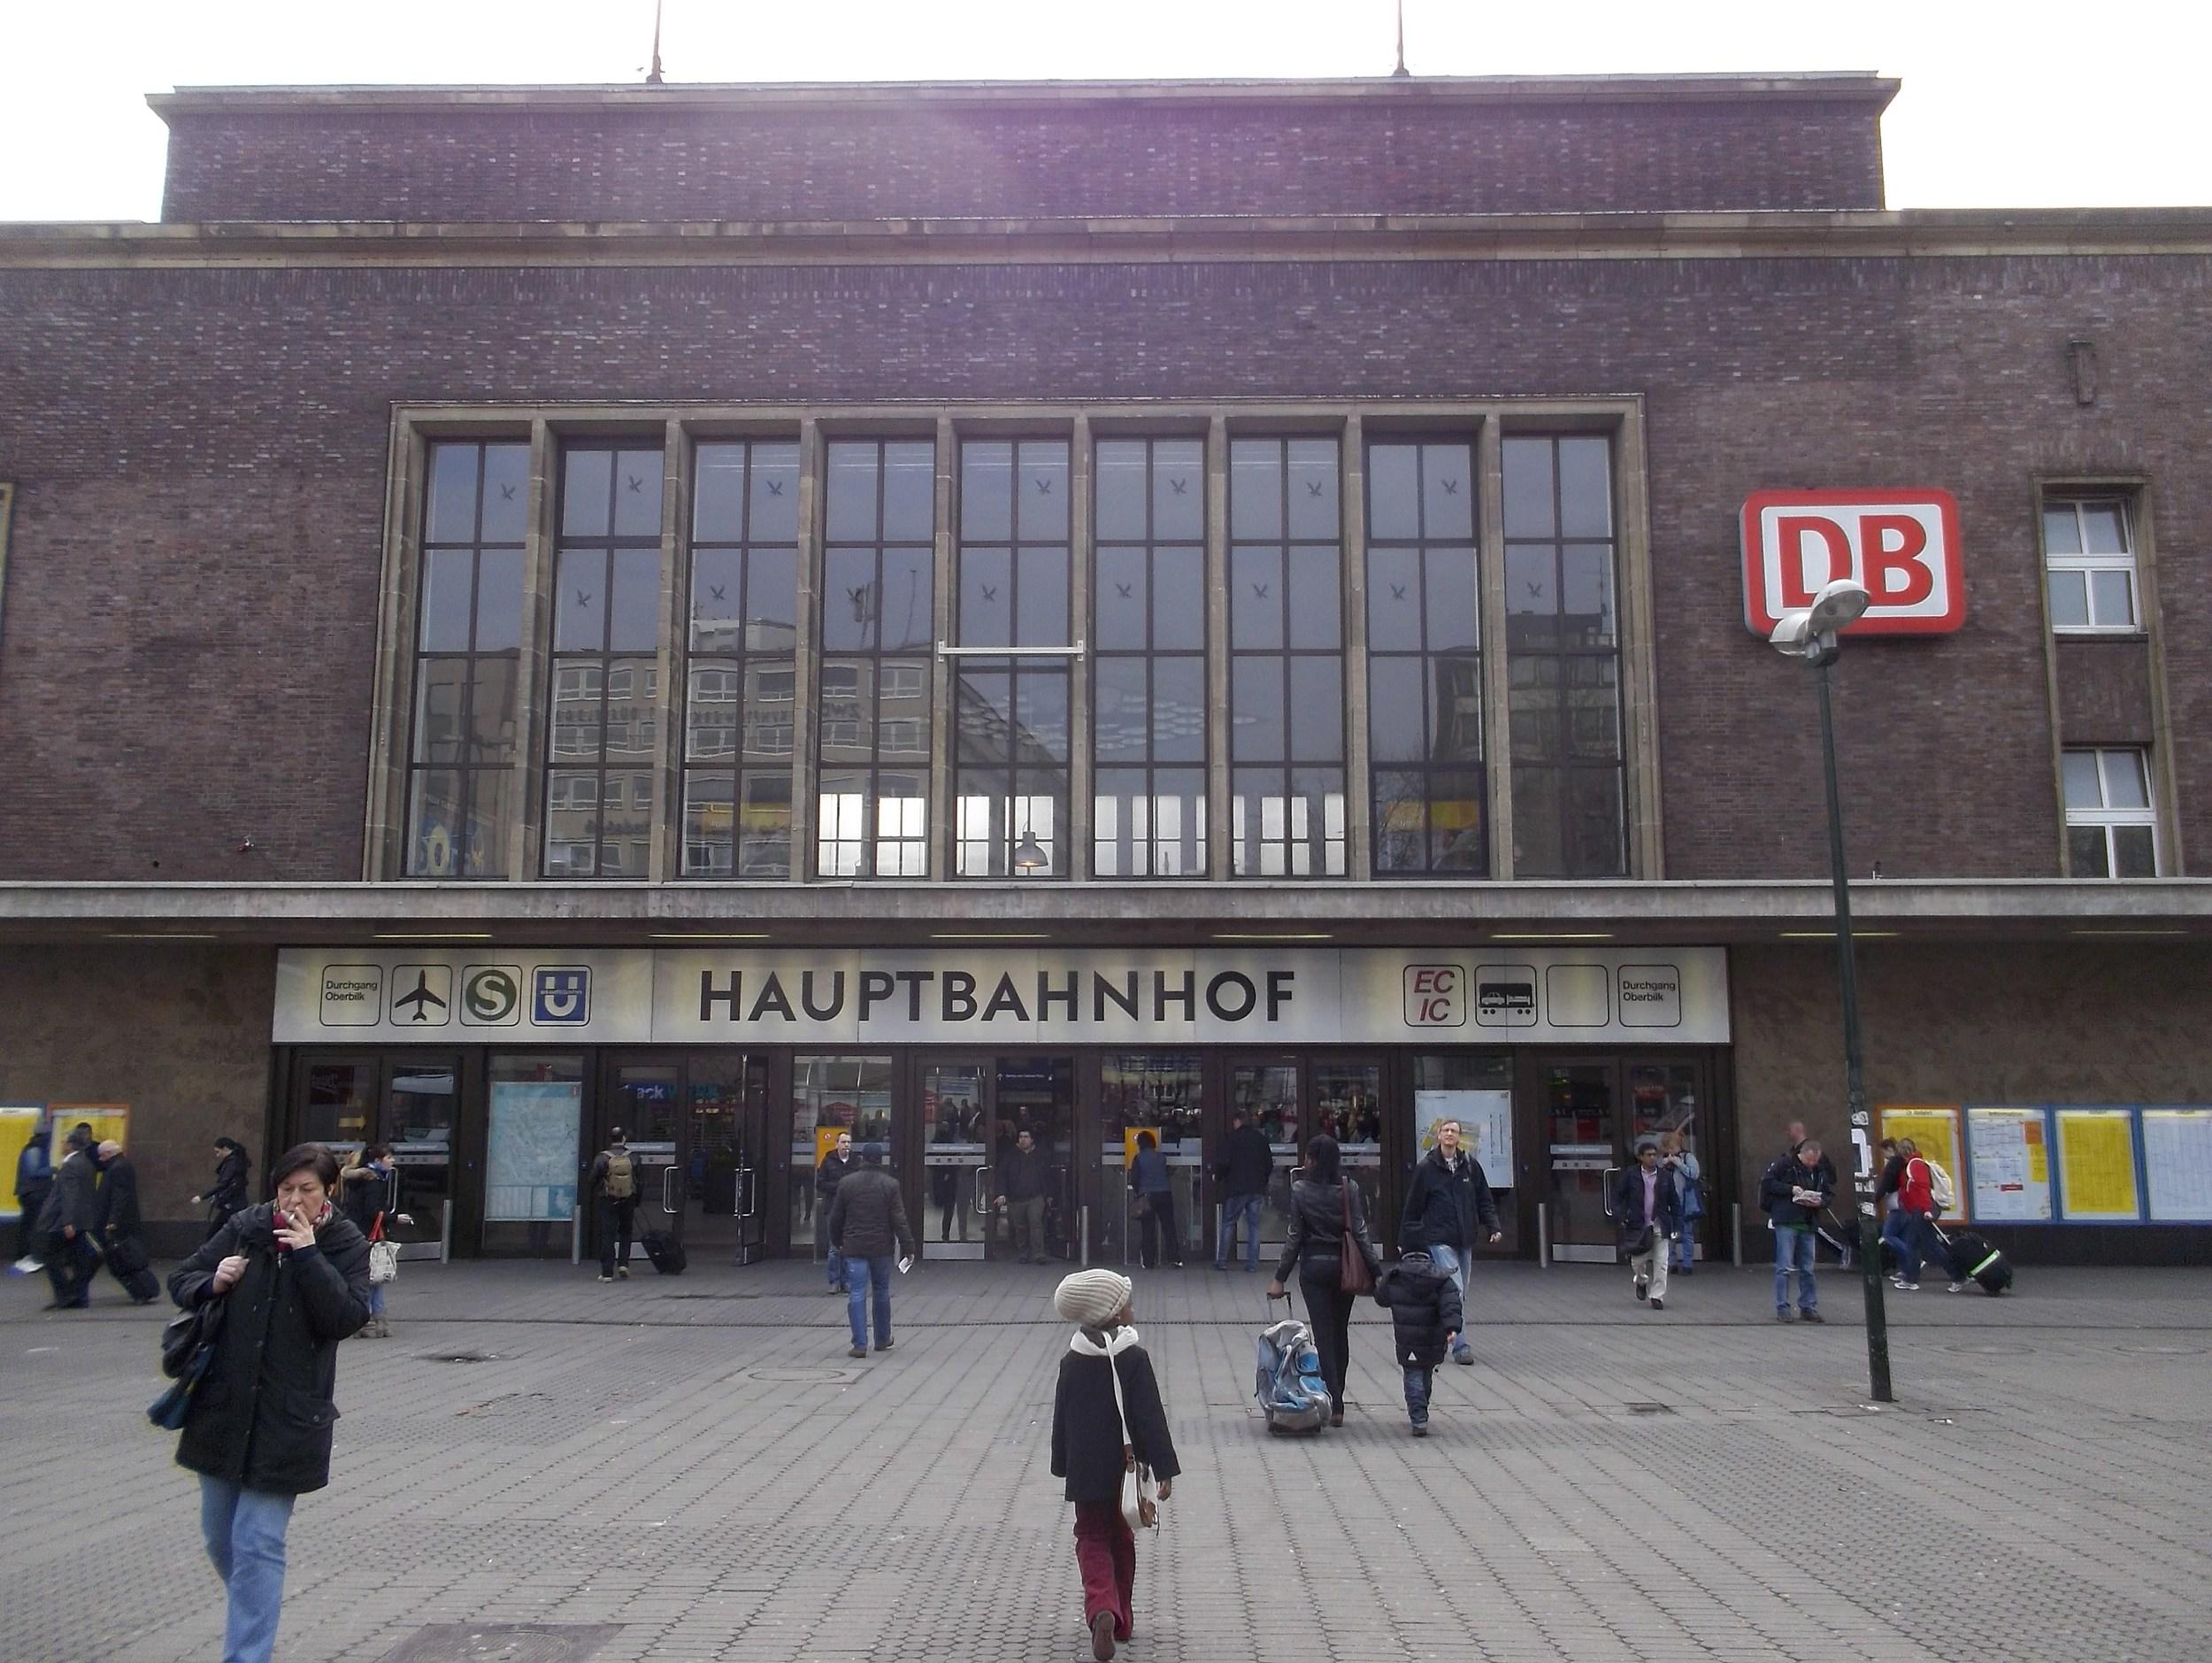 Здание дюссельдорфского вокзала